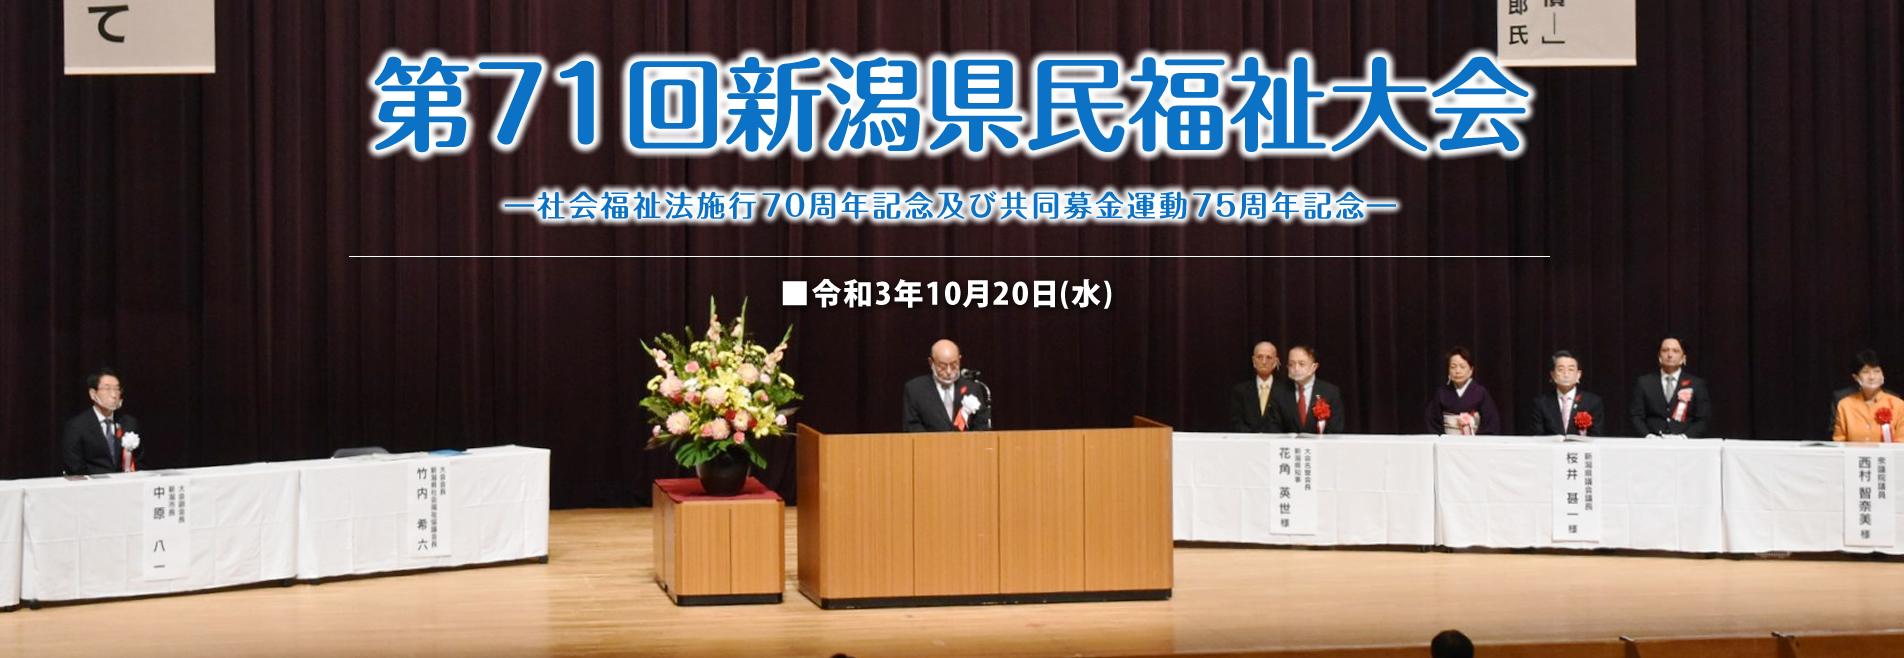 第71回新潟県民福祉大会 ―社会福祉法施行70周年記念及び共同募金運動75周年記念― ■令和3年10月20日(水)